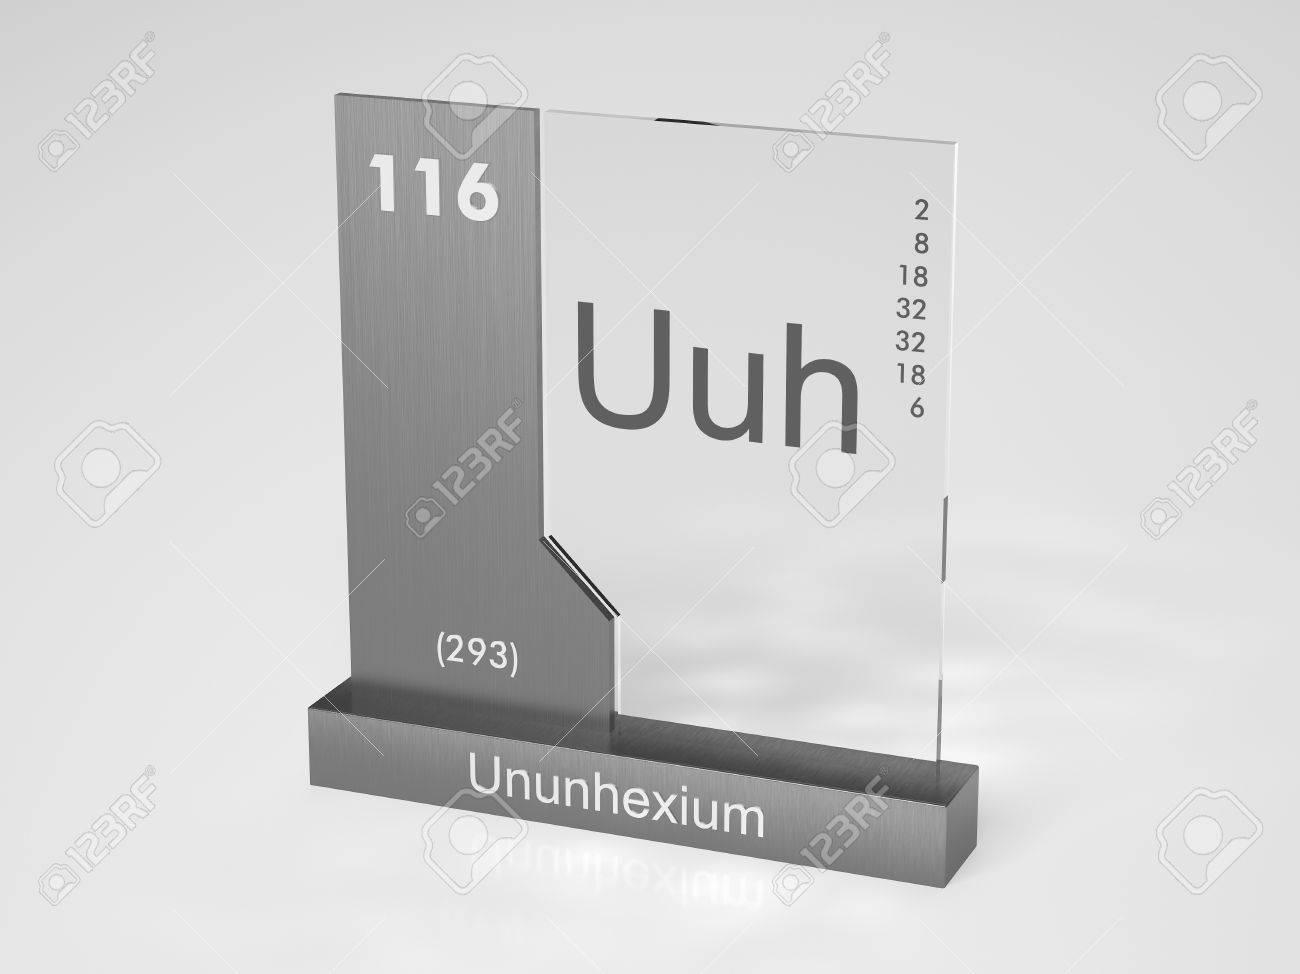 Ununhexio smbolo uuh elemento qumico de la tabla peridica foto de archivo ununhexio smbolo uuh elemento qumico de la tabla peridica urtaz Image collections